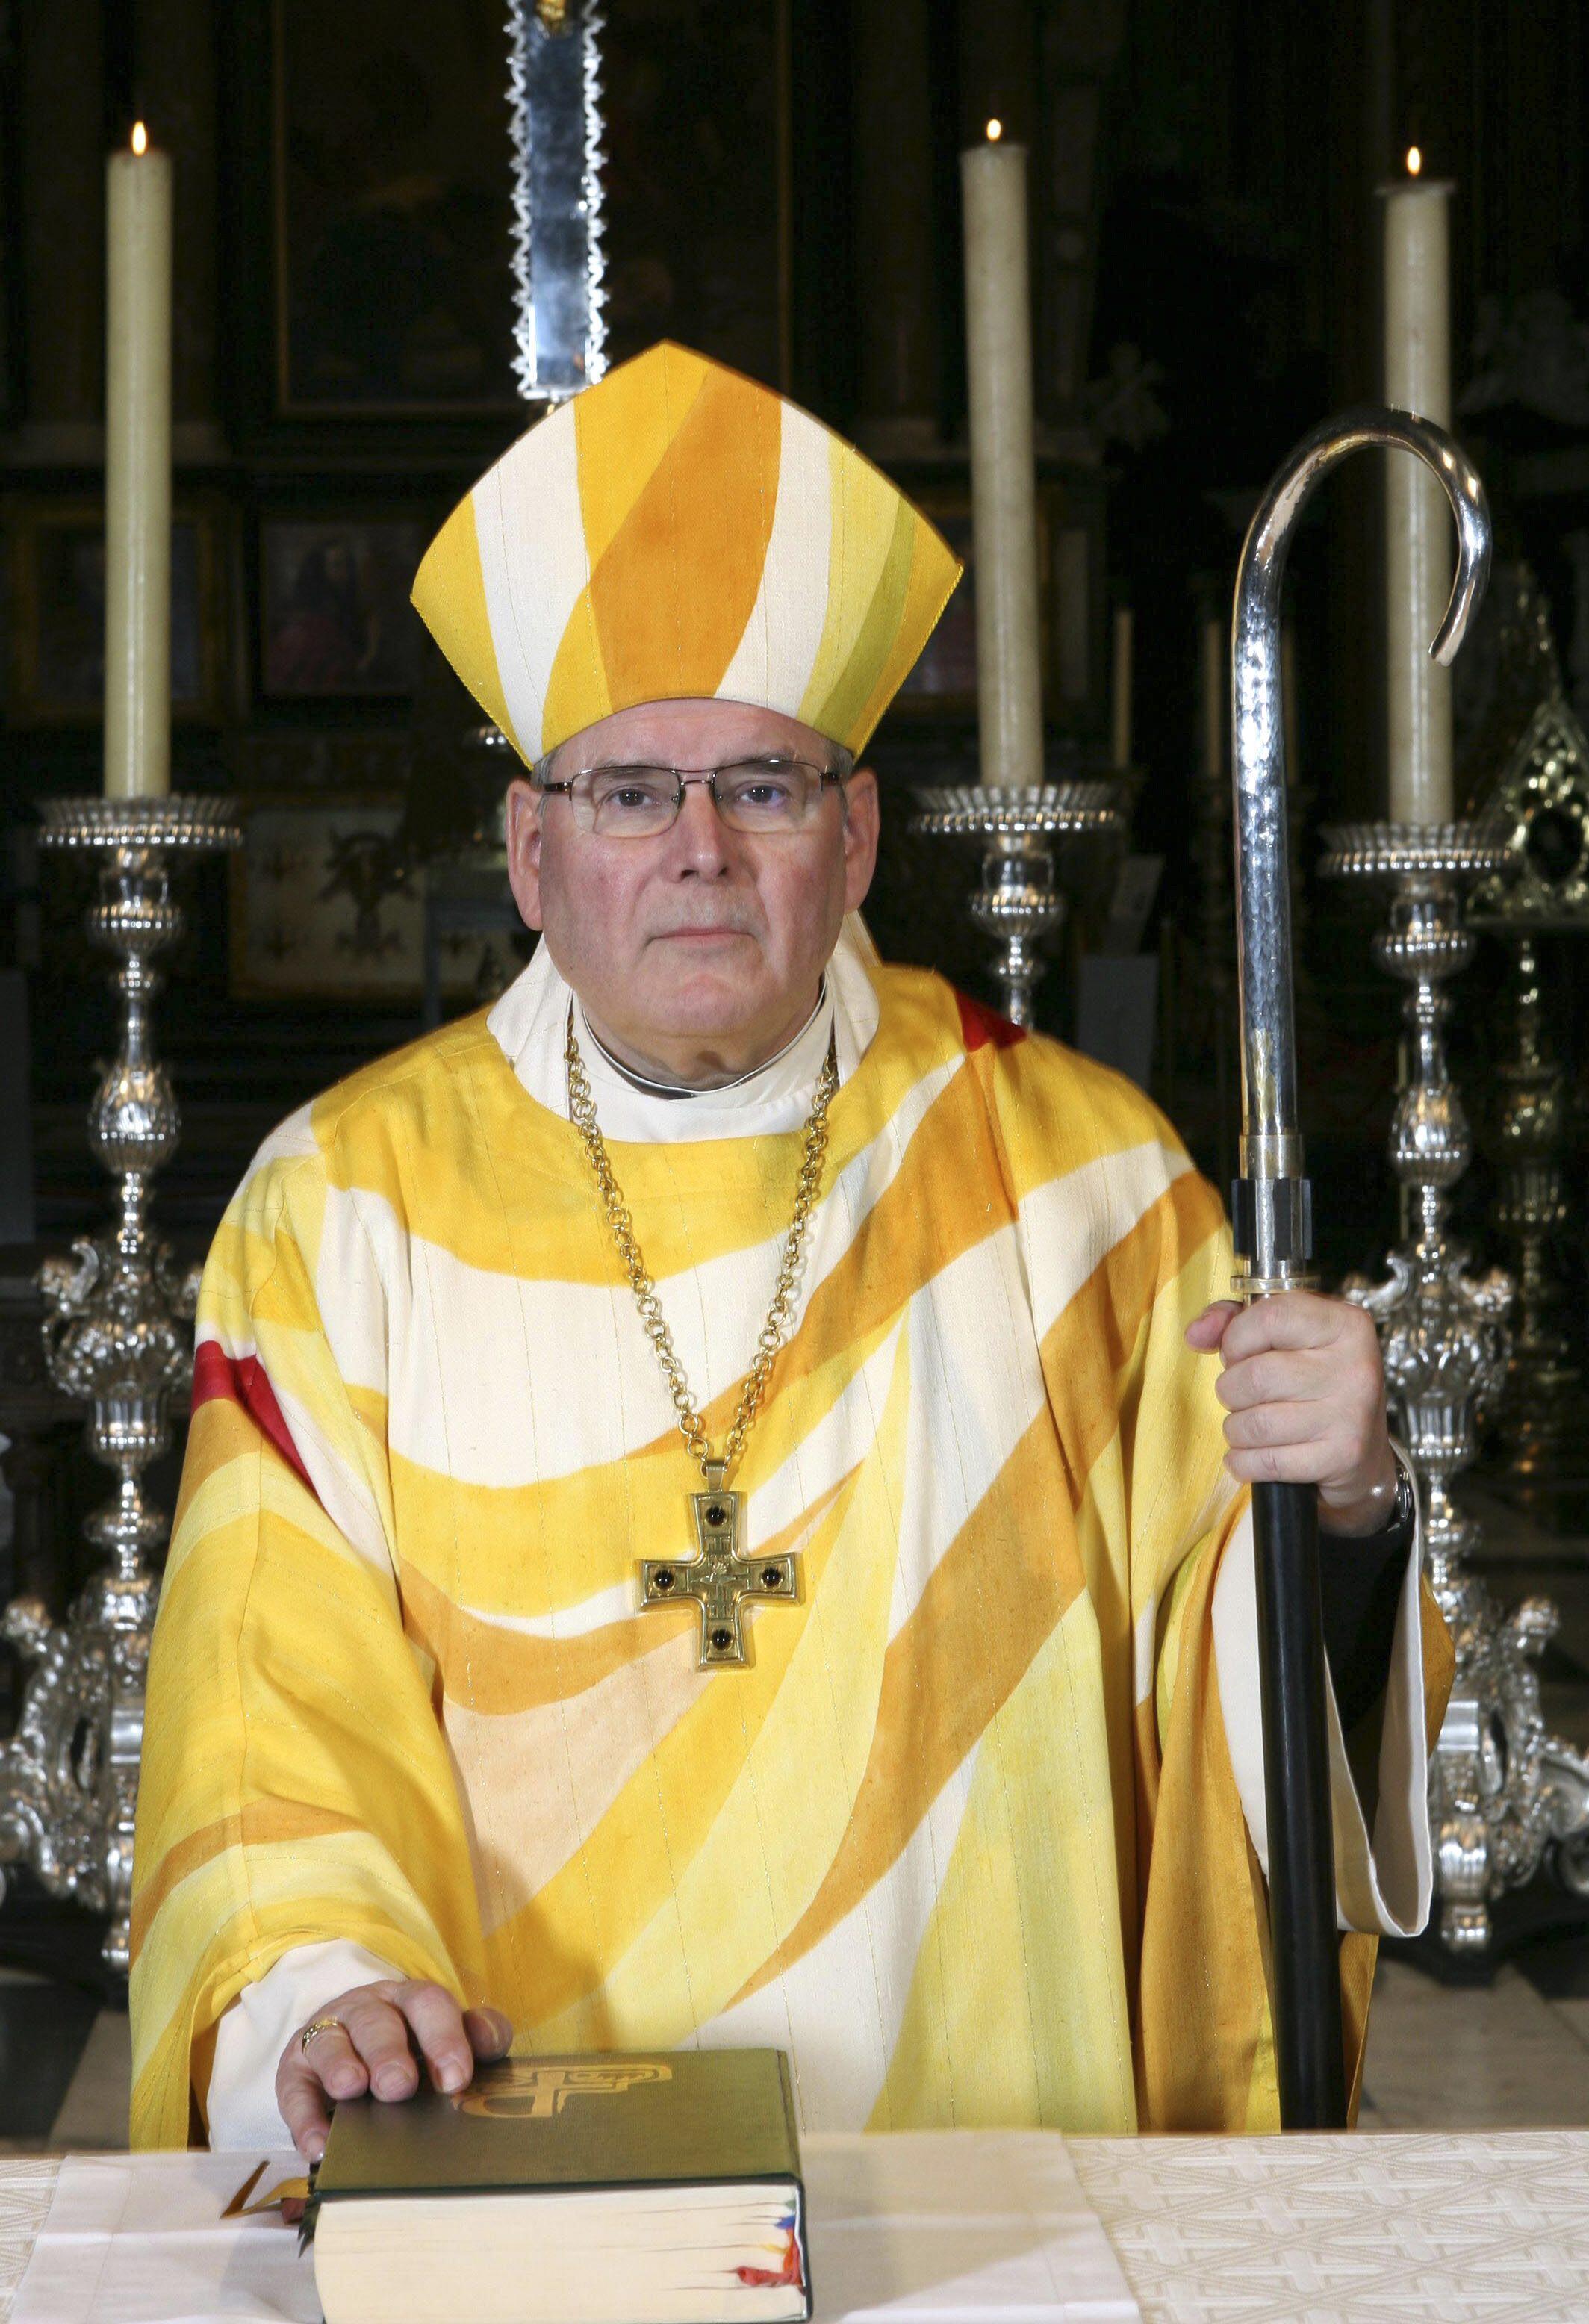 Roger Vangheluwe, formerly bishop of Bruges.